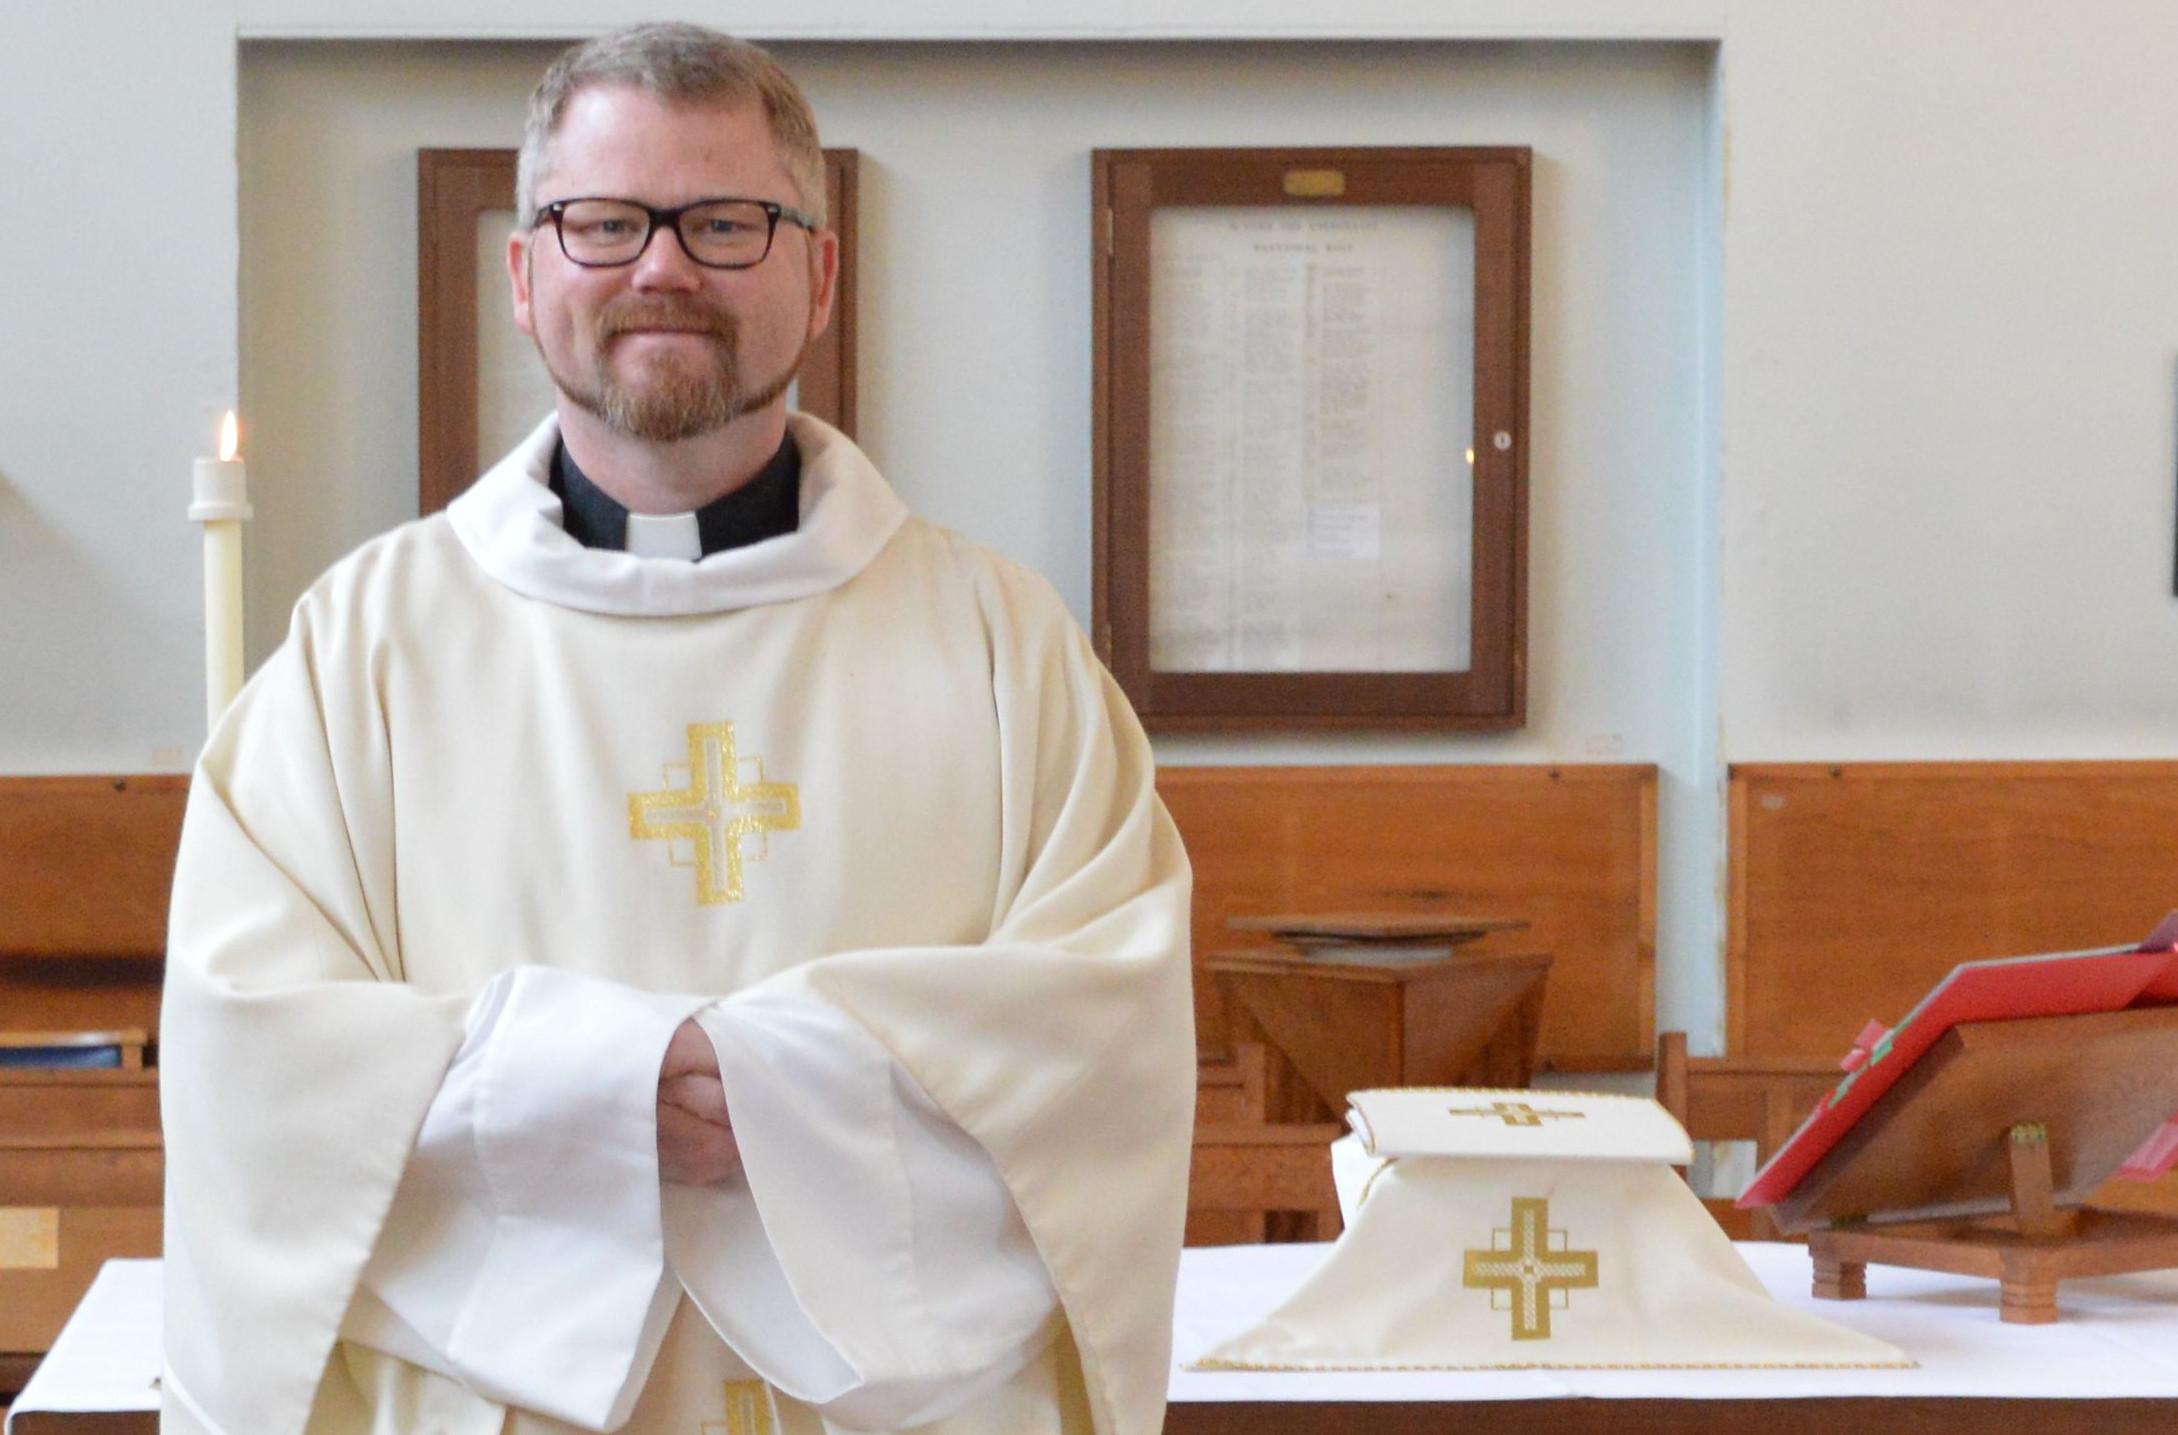 The Rev'd Gerry Dillon